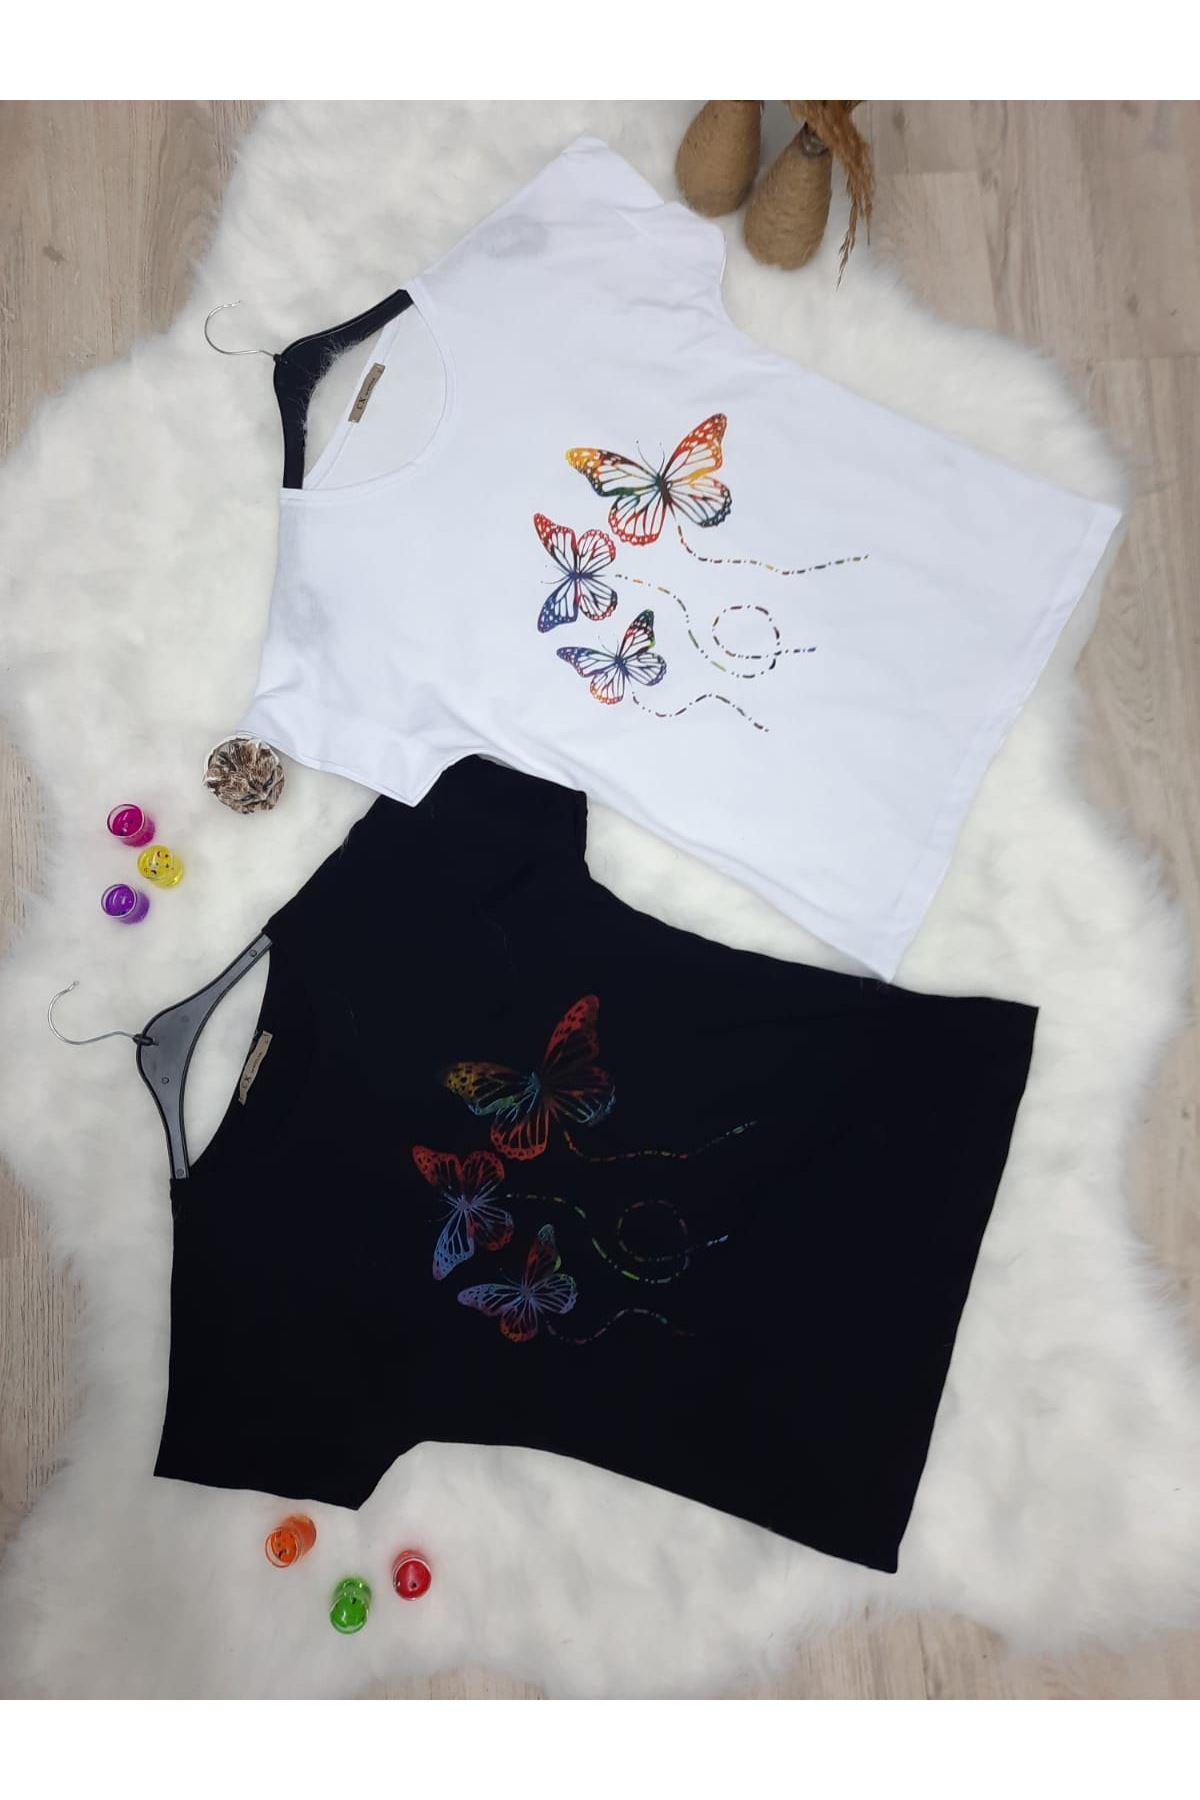 Kelebek Baskılı Tshirt - BEYAZ